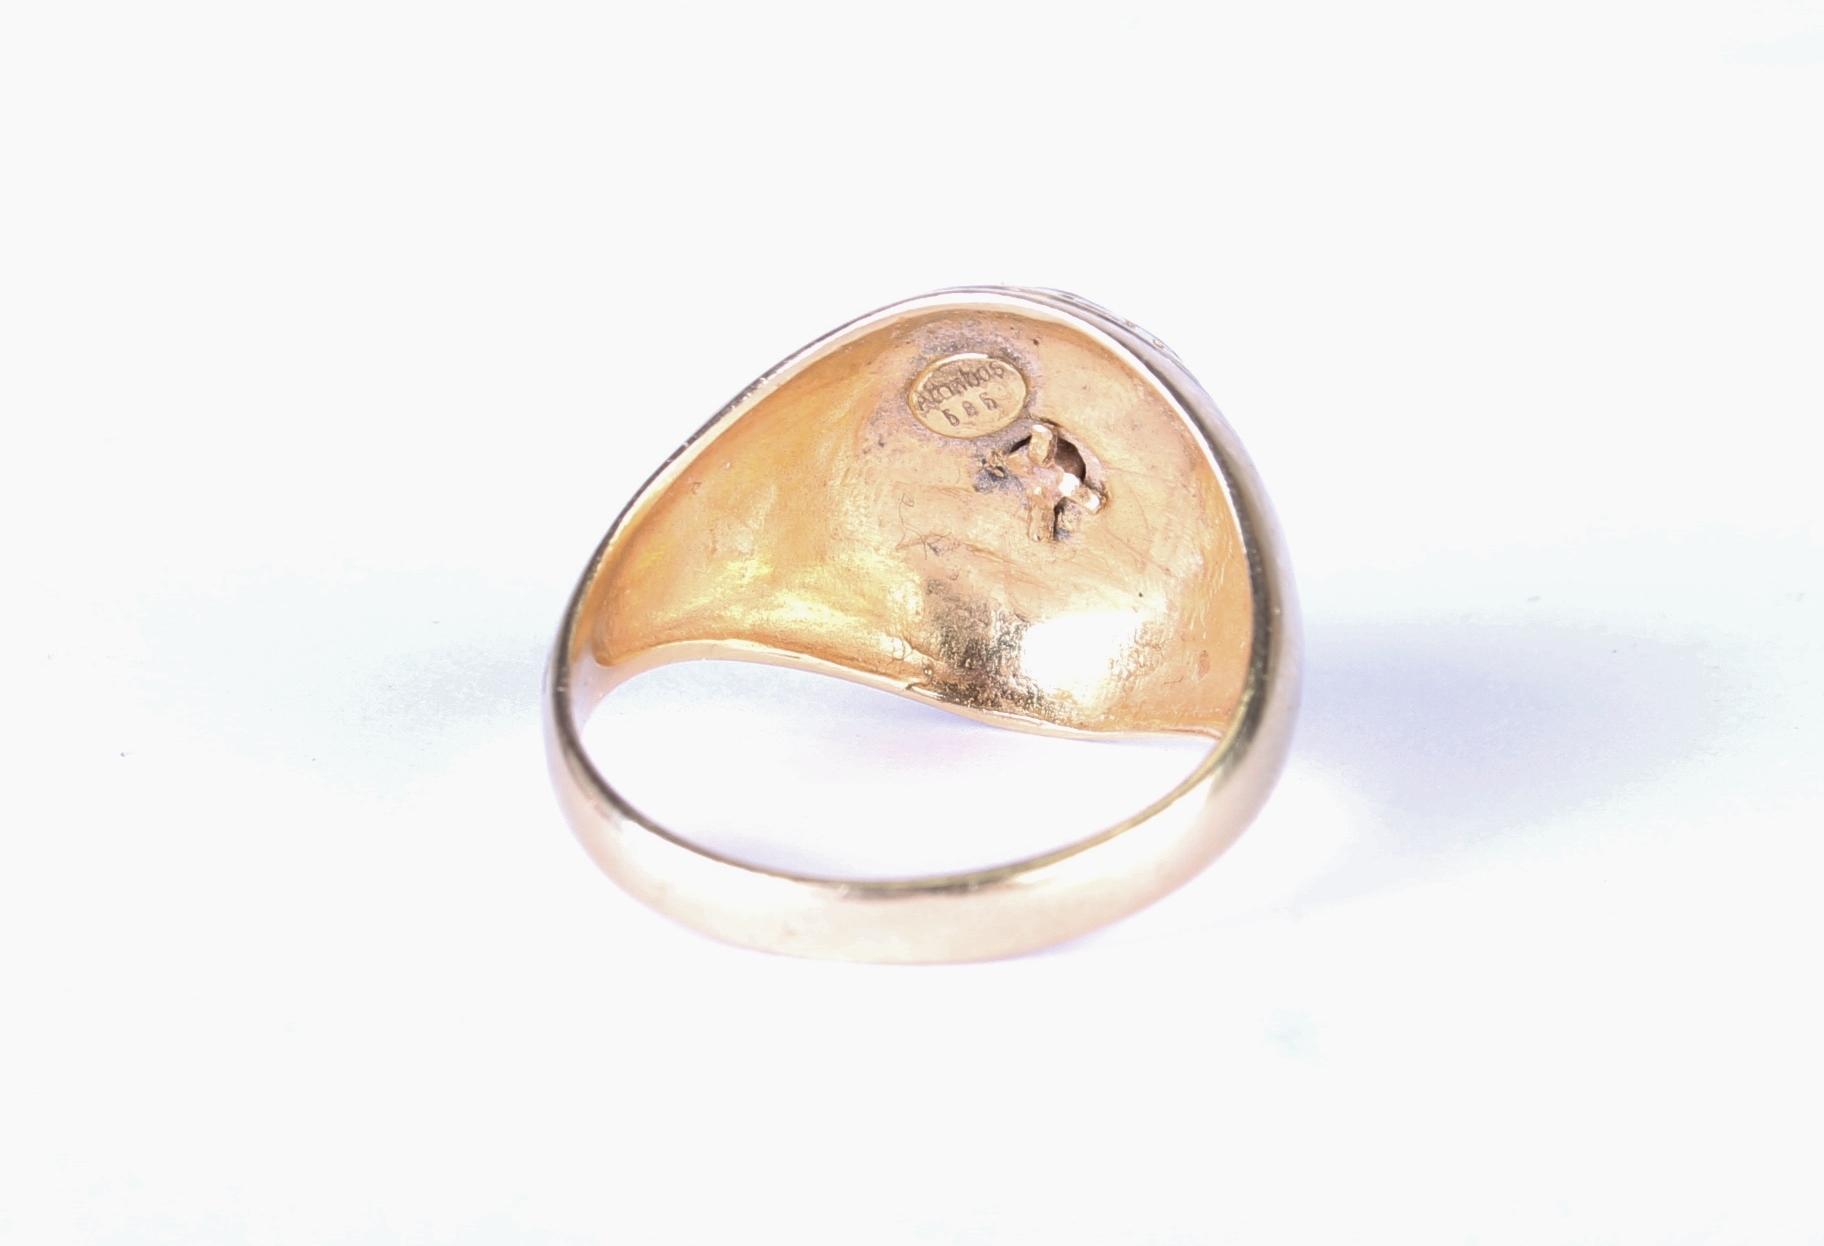 versace look medusa logo 585er herren goldring 14 karat gr. Black Bedroom Furniture Sets. Home Design Ideas